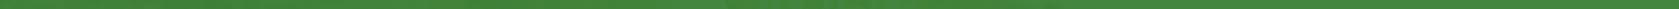 barraverde